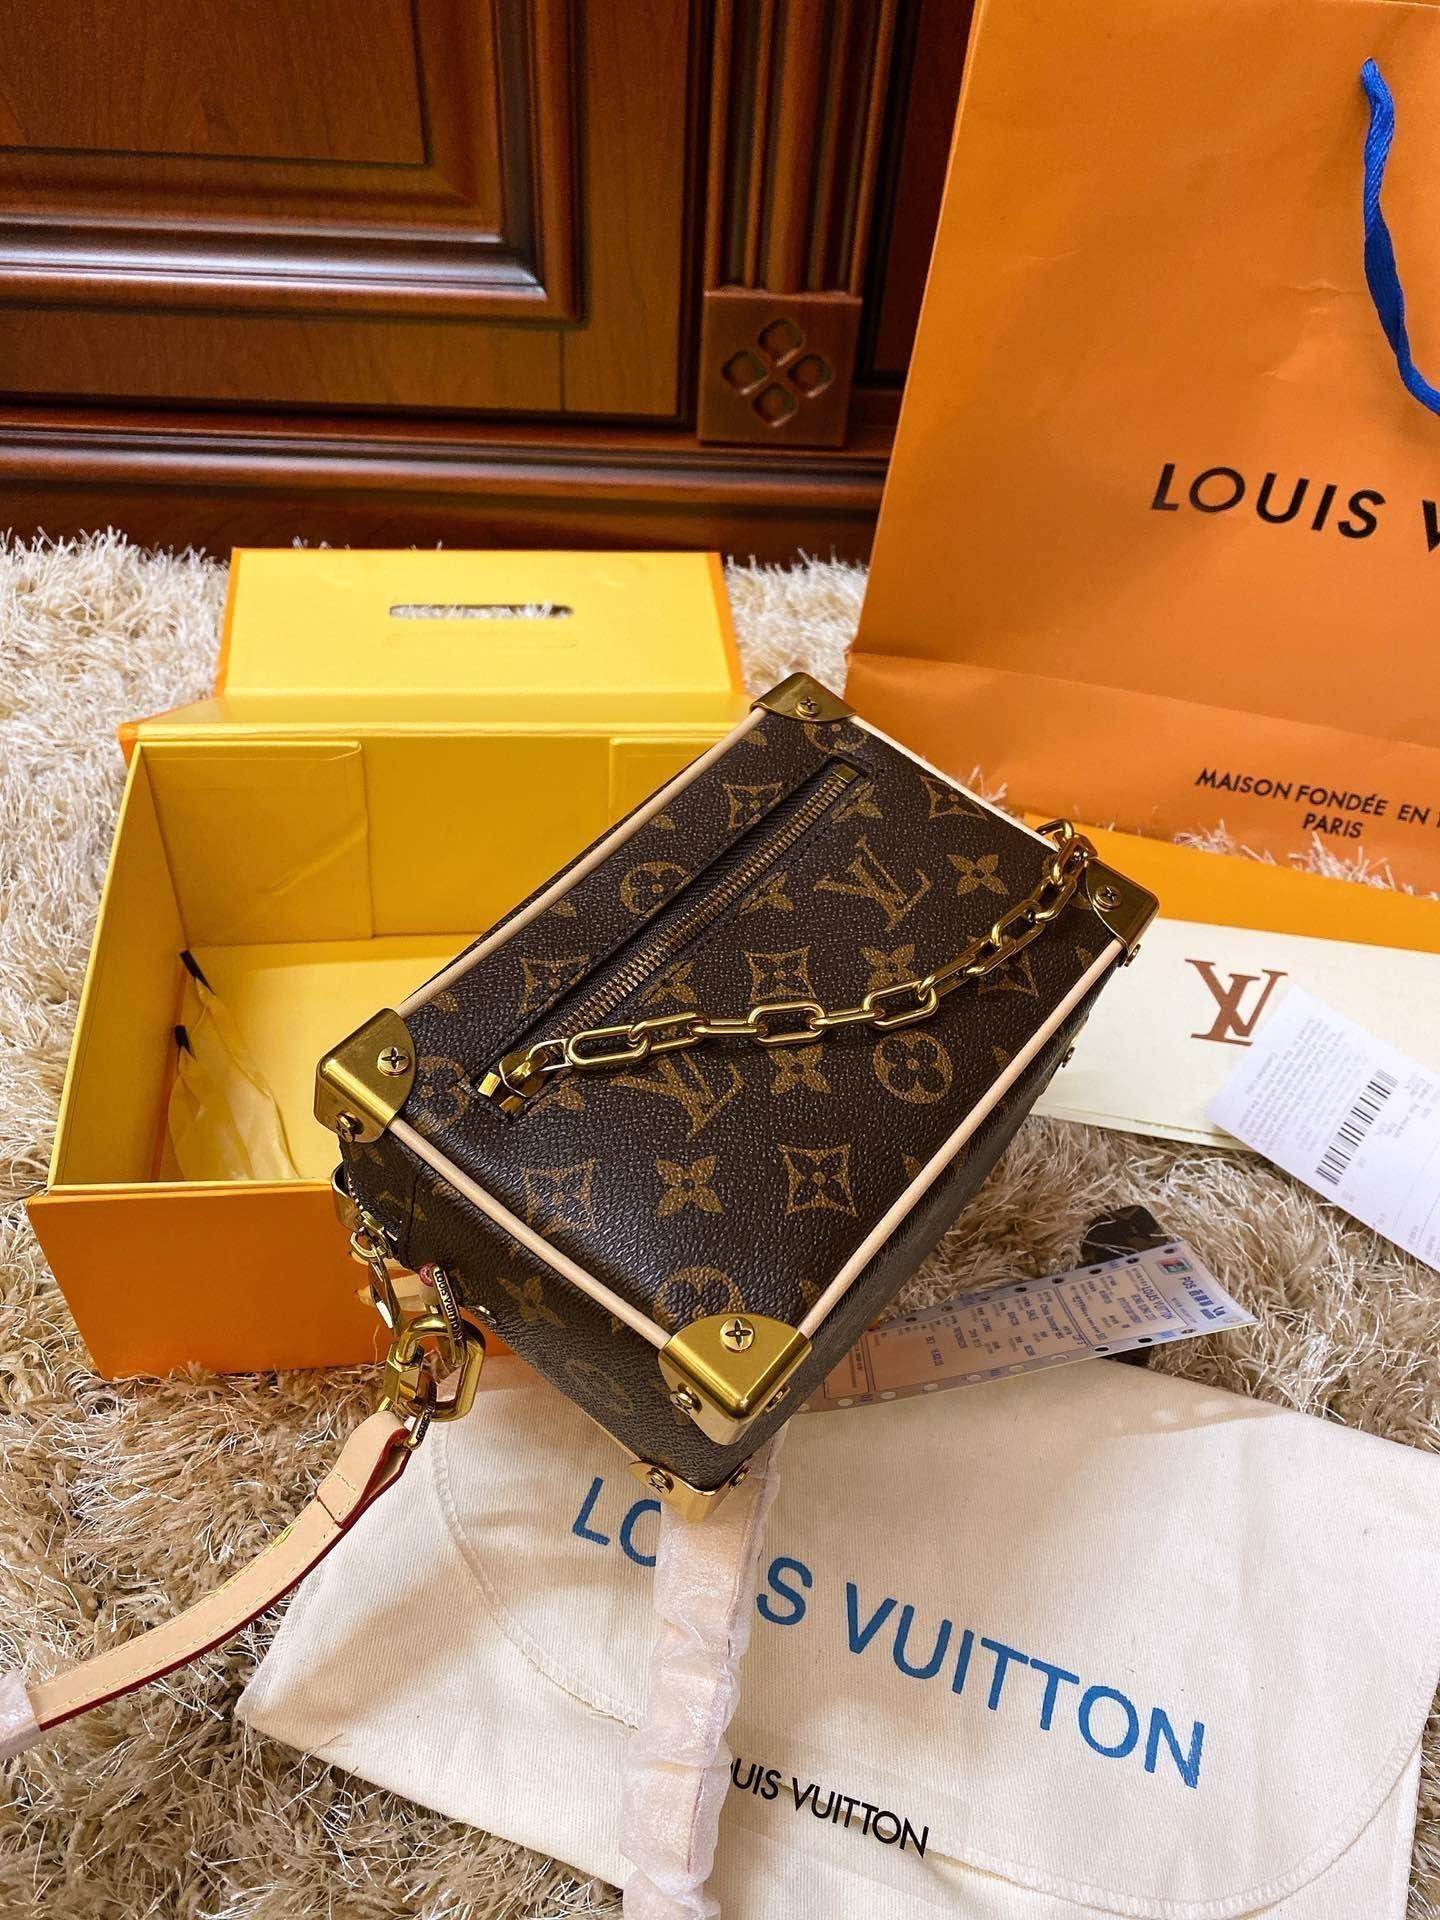 kadın çantaları alışveriş en kaliteli kadın çanta crossbody çanta çanta 200214-234 * 2385 L4ULWGF4 çanta